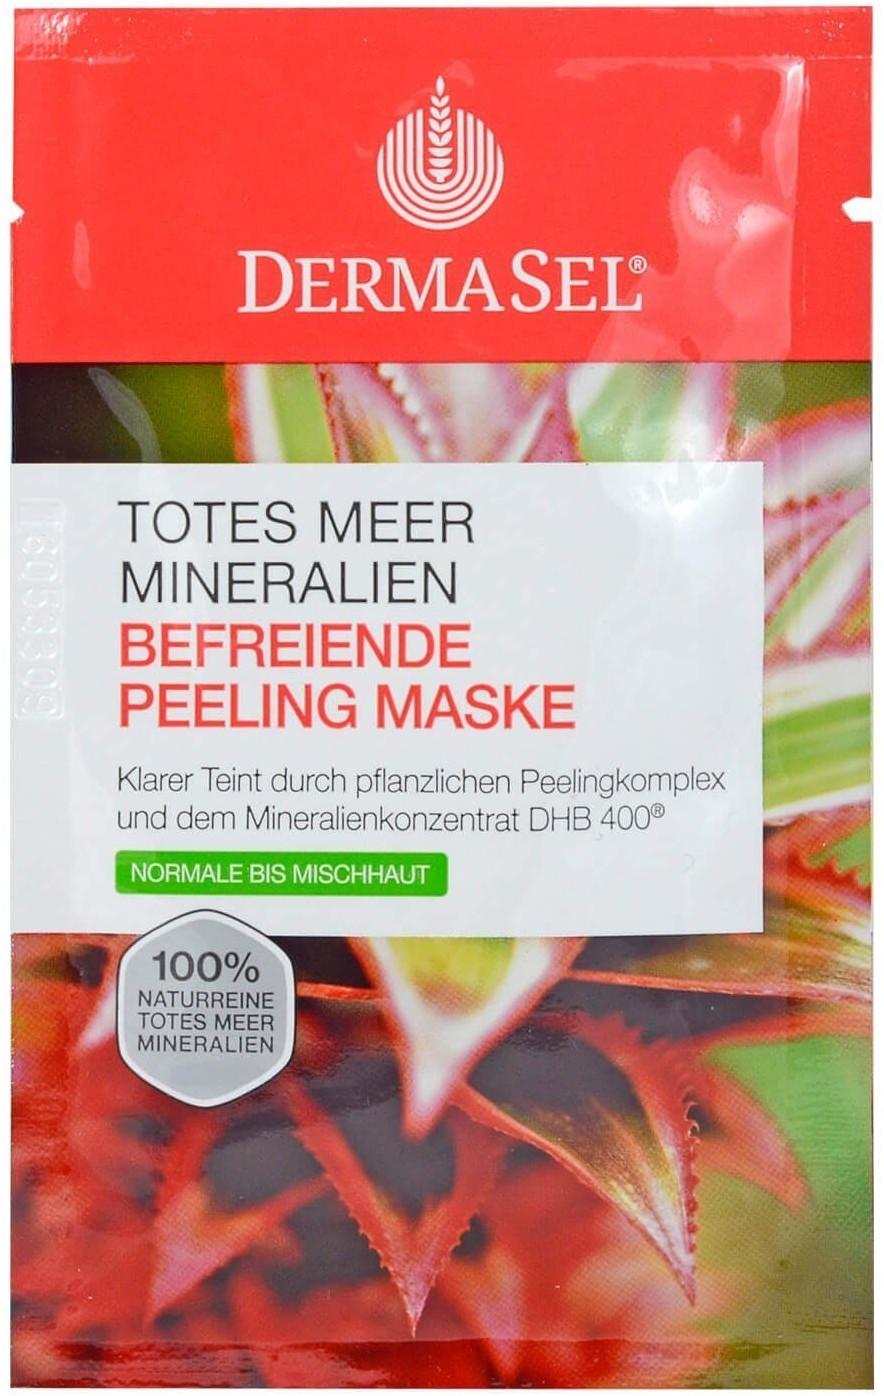 DermaSel Totes Meer Maske Peeling (12ml)